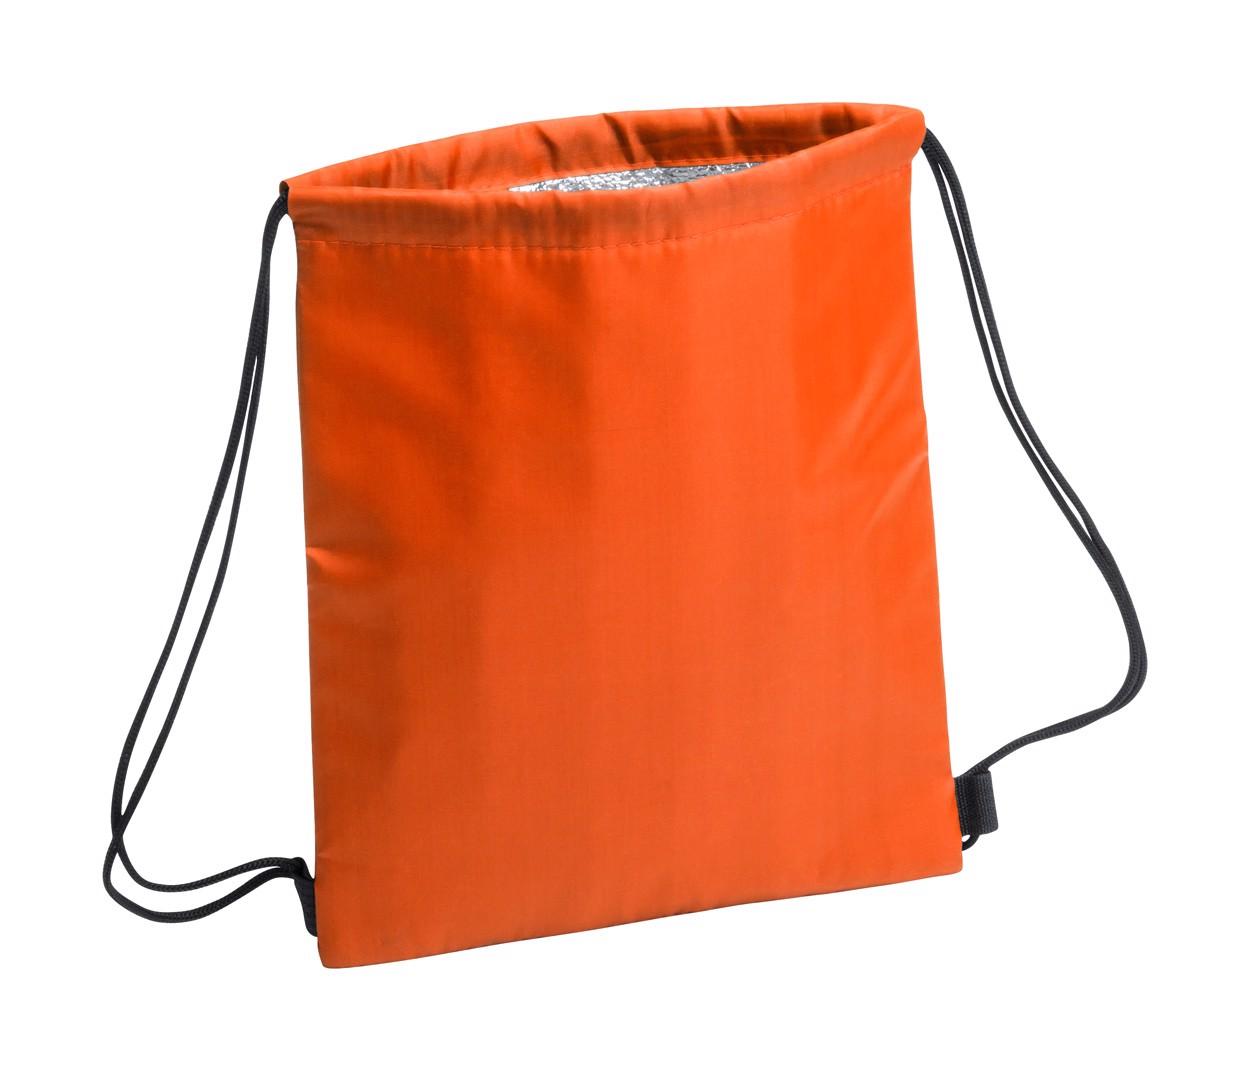 Chladící Vak Tradan - Oranžová